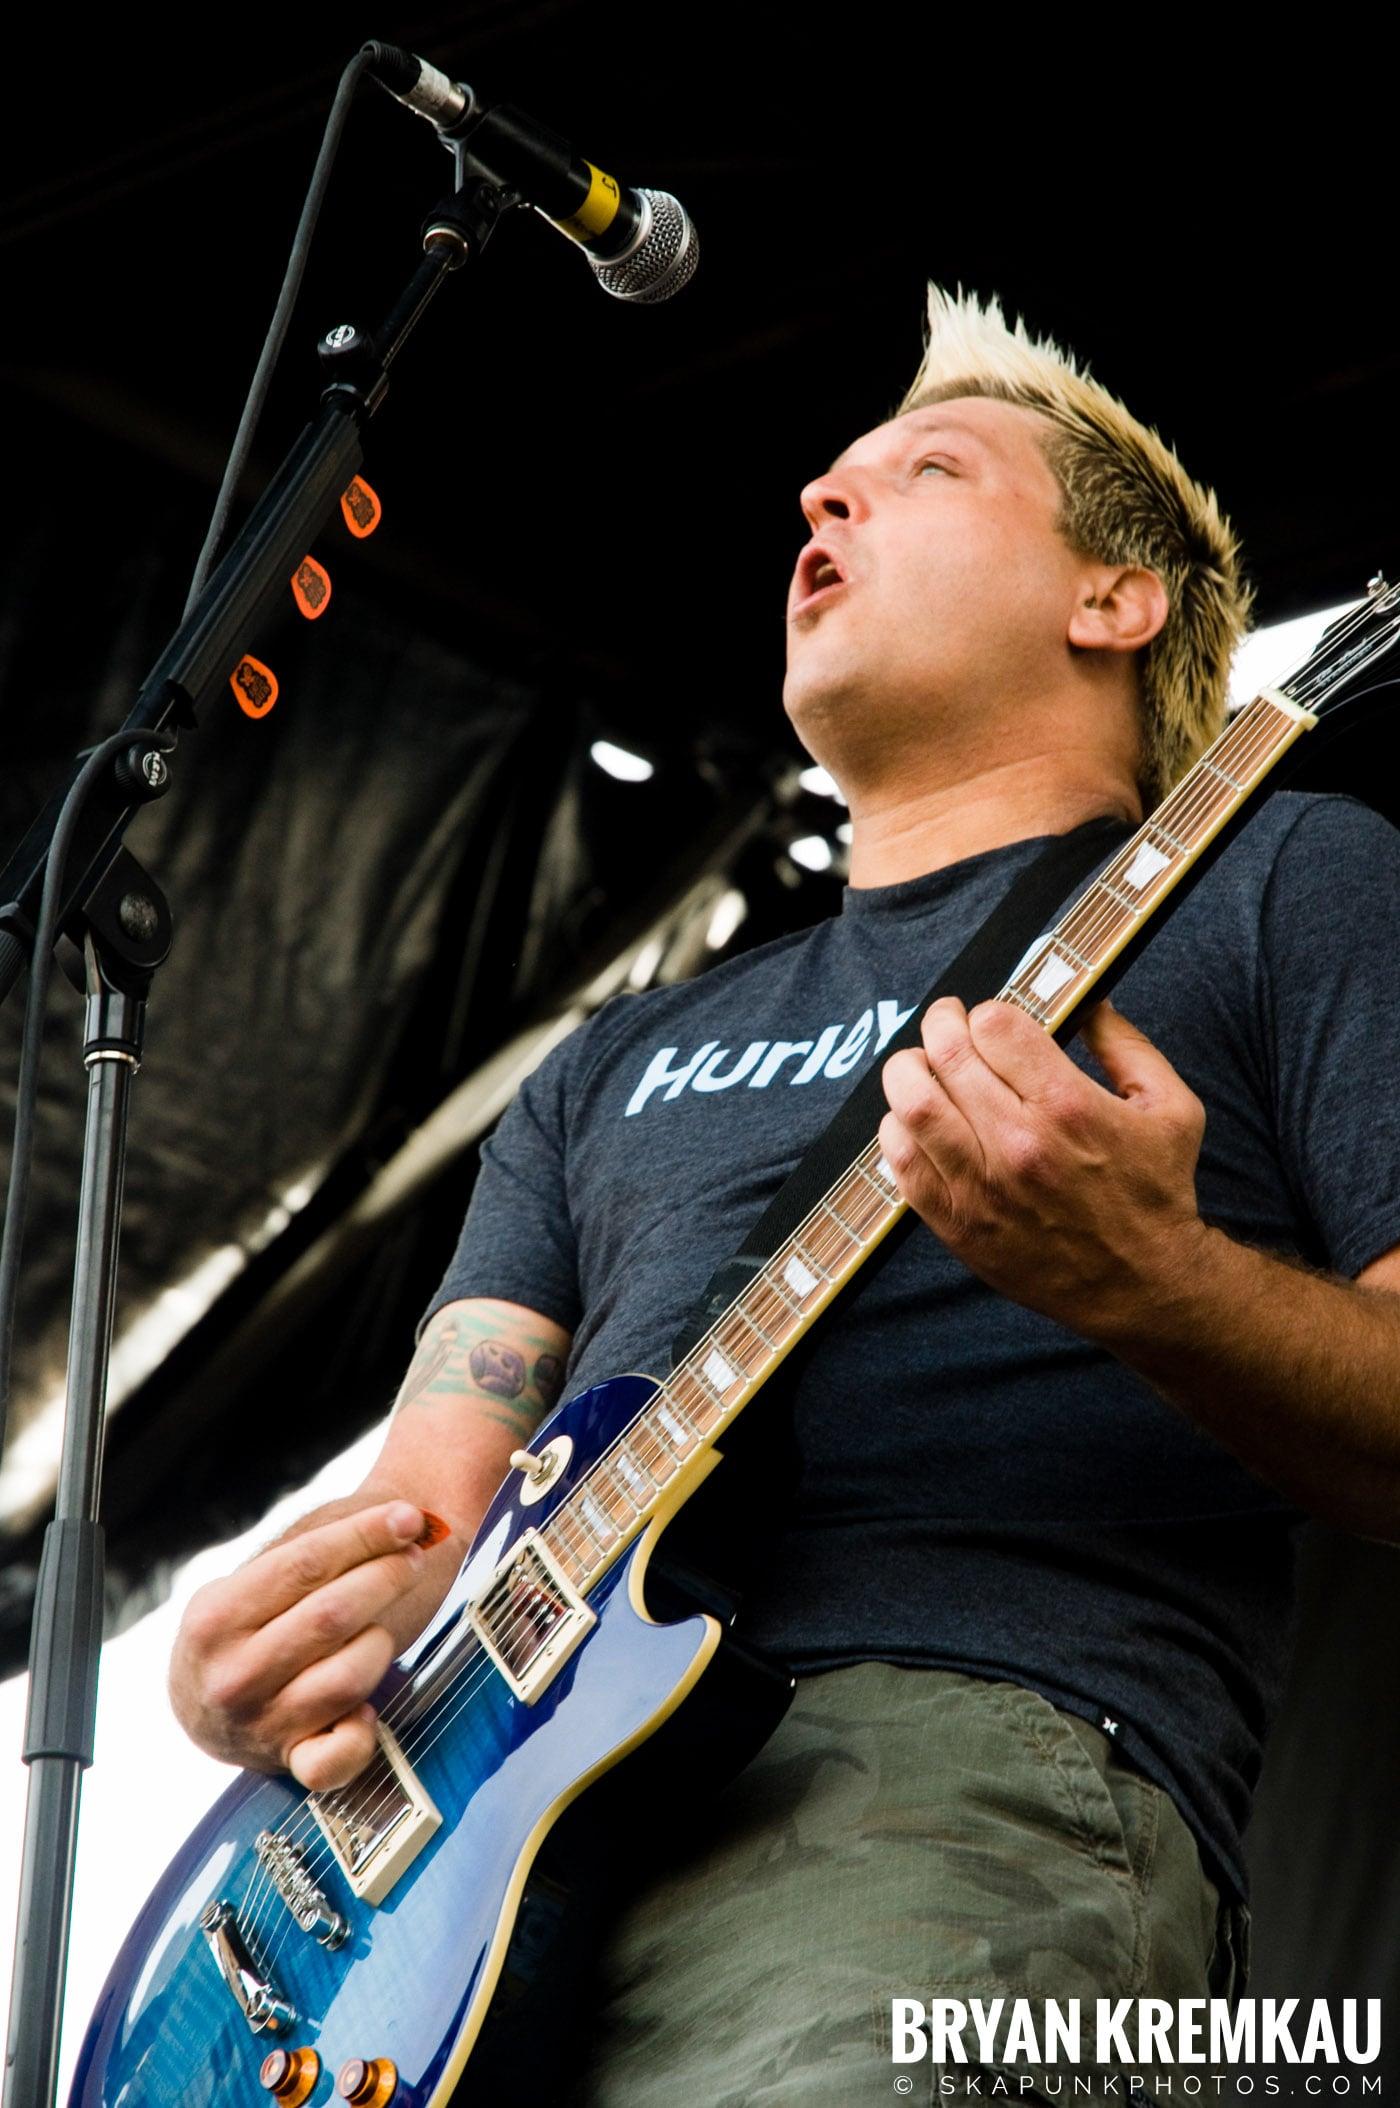 Less Than Jake @ Warped Tour 2009, Scranton PA - 07.15.09 (19)